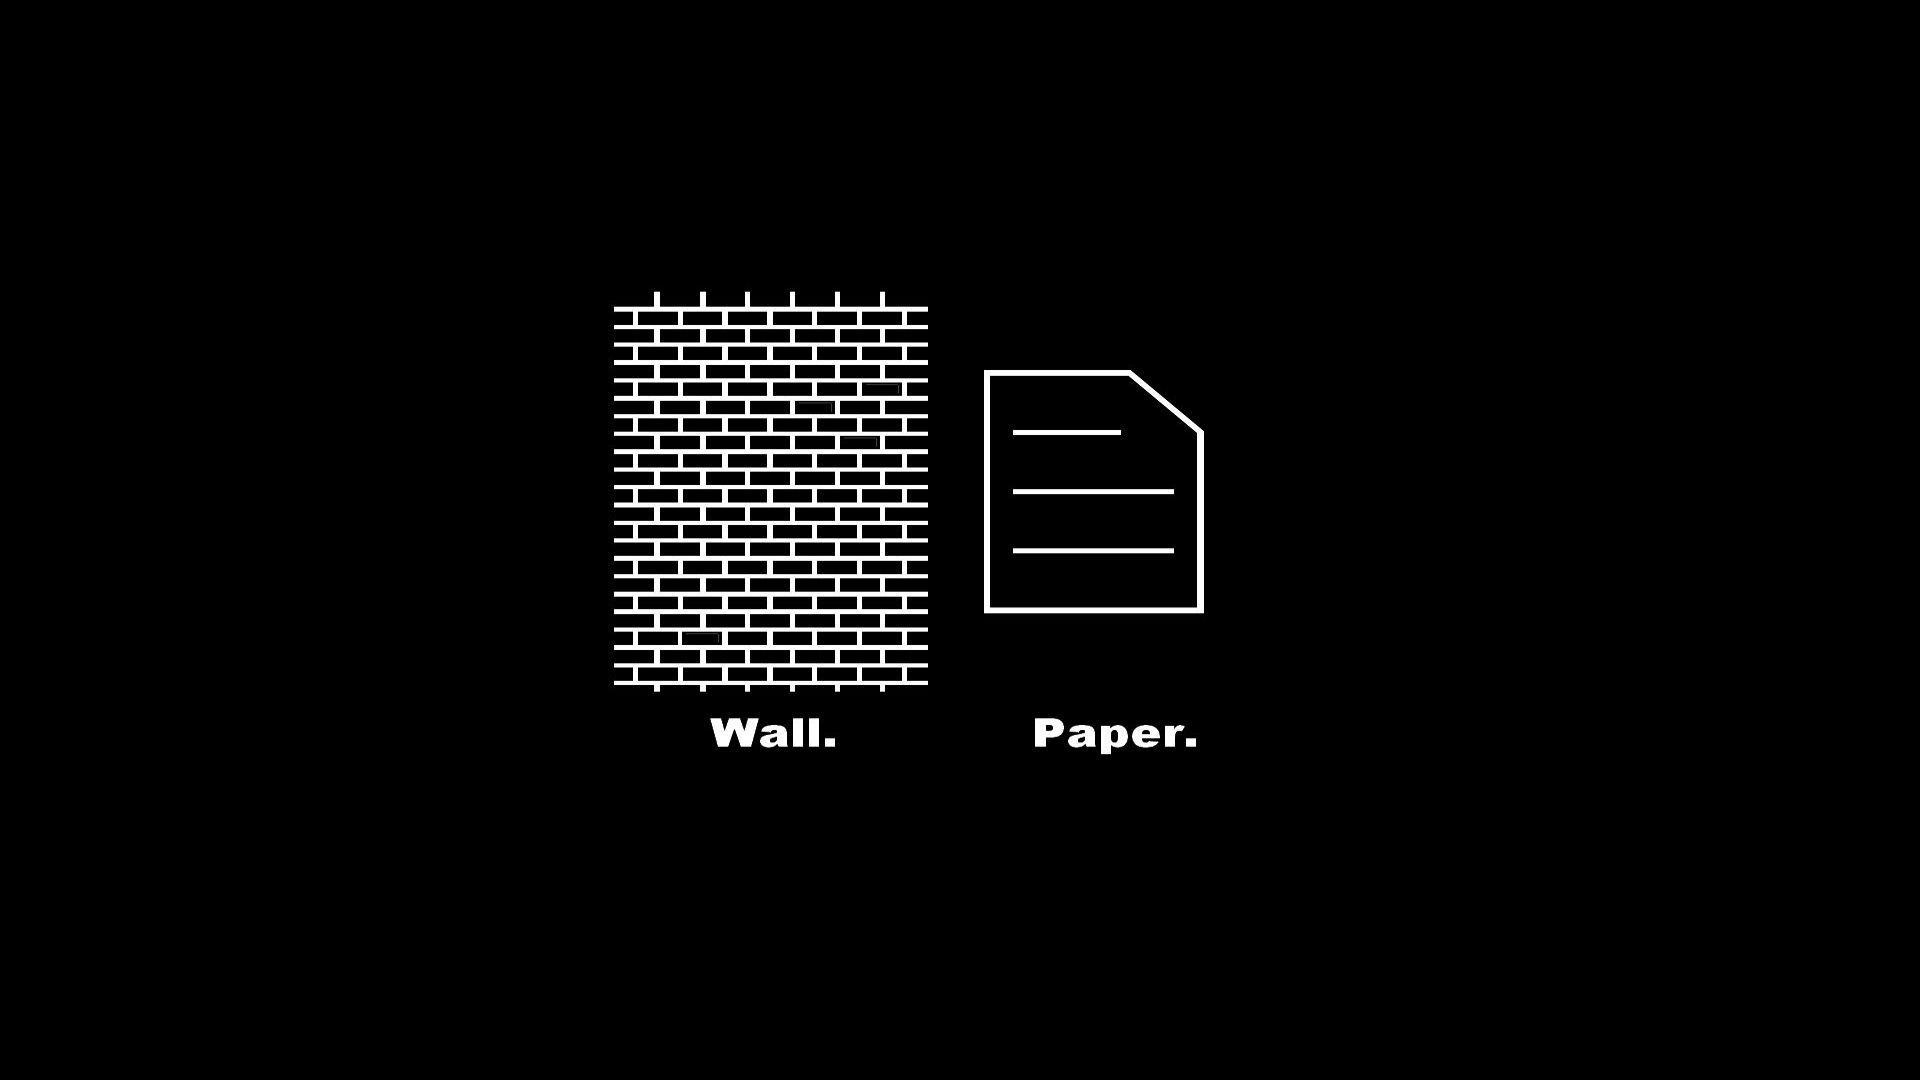 Geek Wallpaper 1920x1080